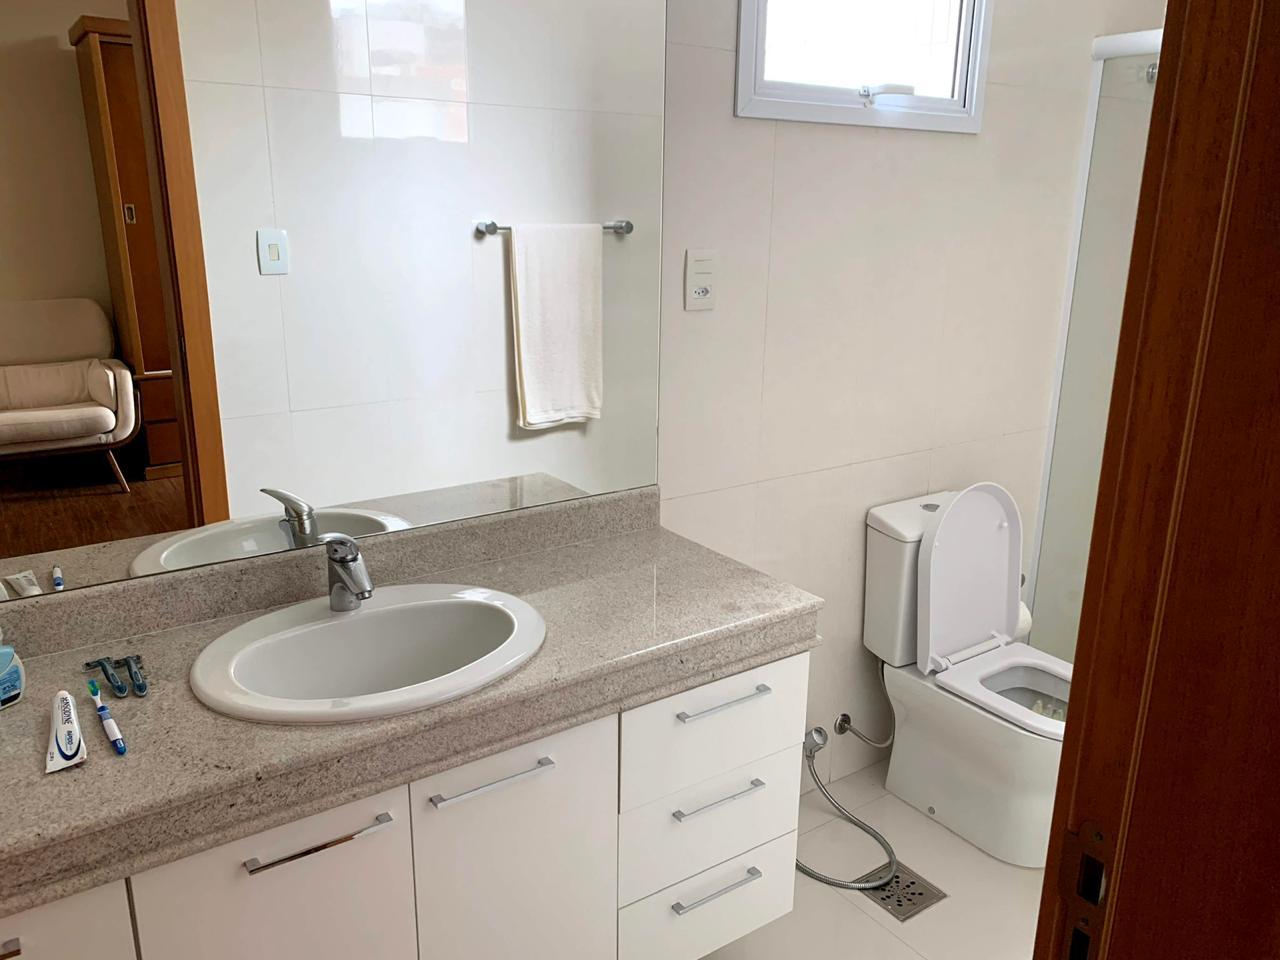 Excelente semi novo apartamento com 160m, uma quadra da Praia, Duas vagas de garagem, 3 suítes - foto 11